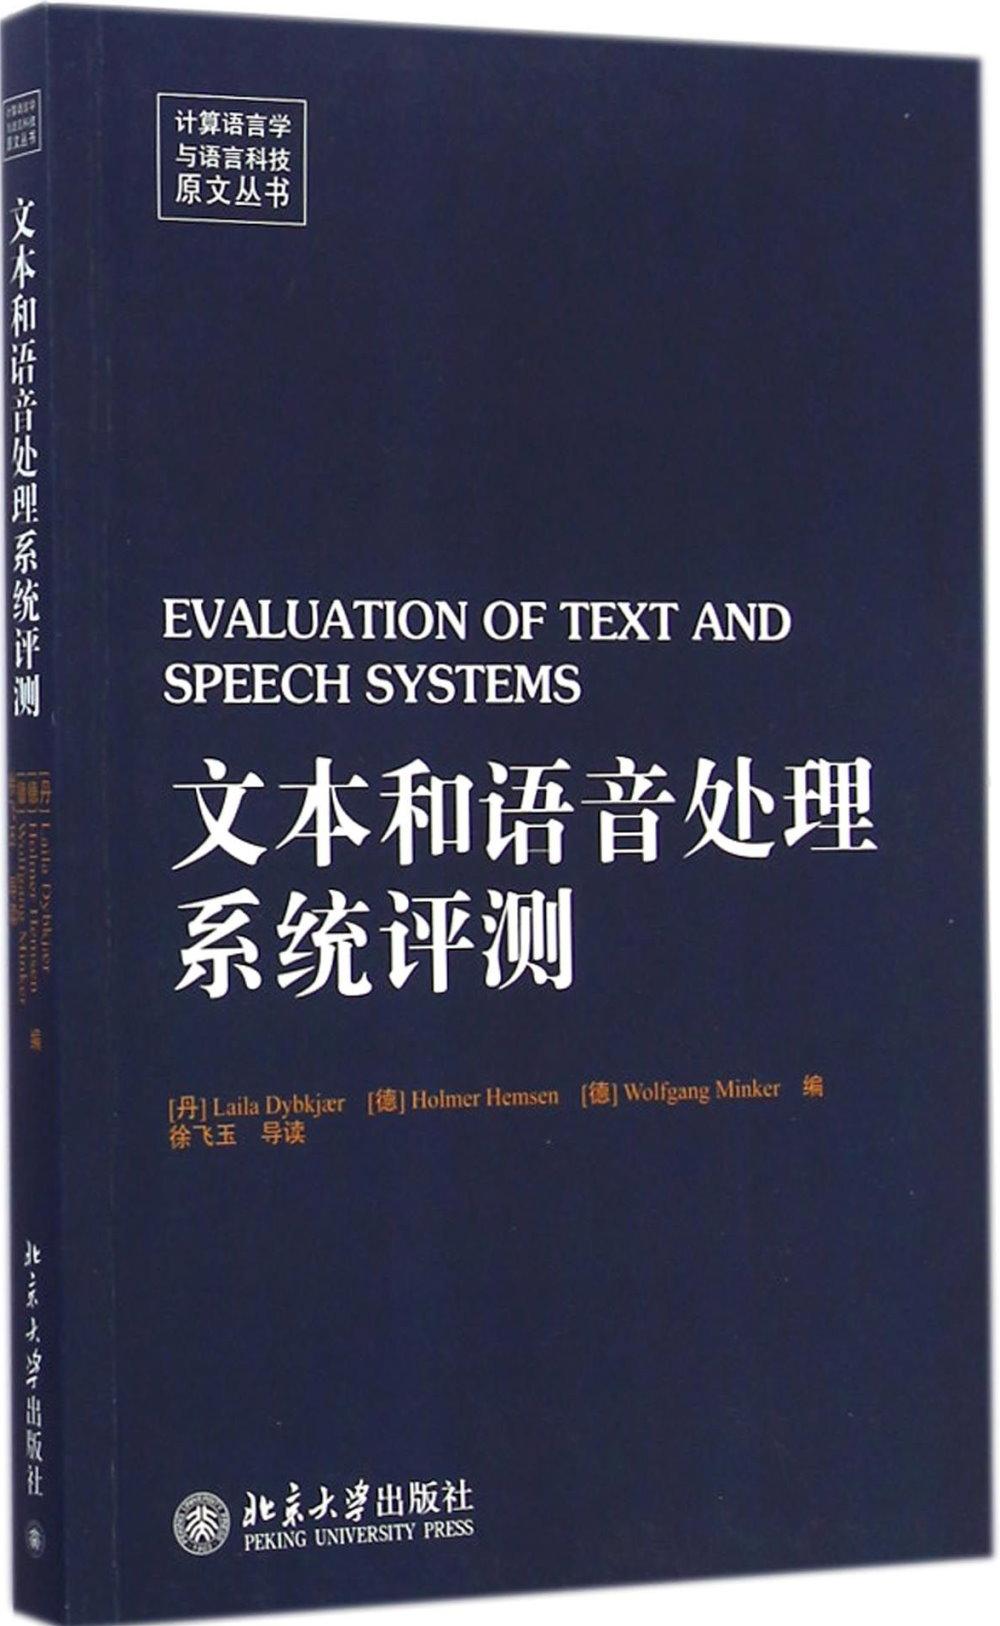 文本和語音處理系統評測 英文